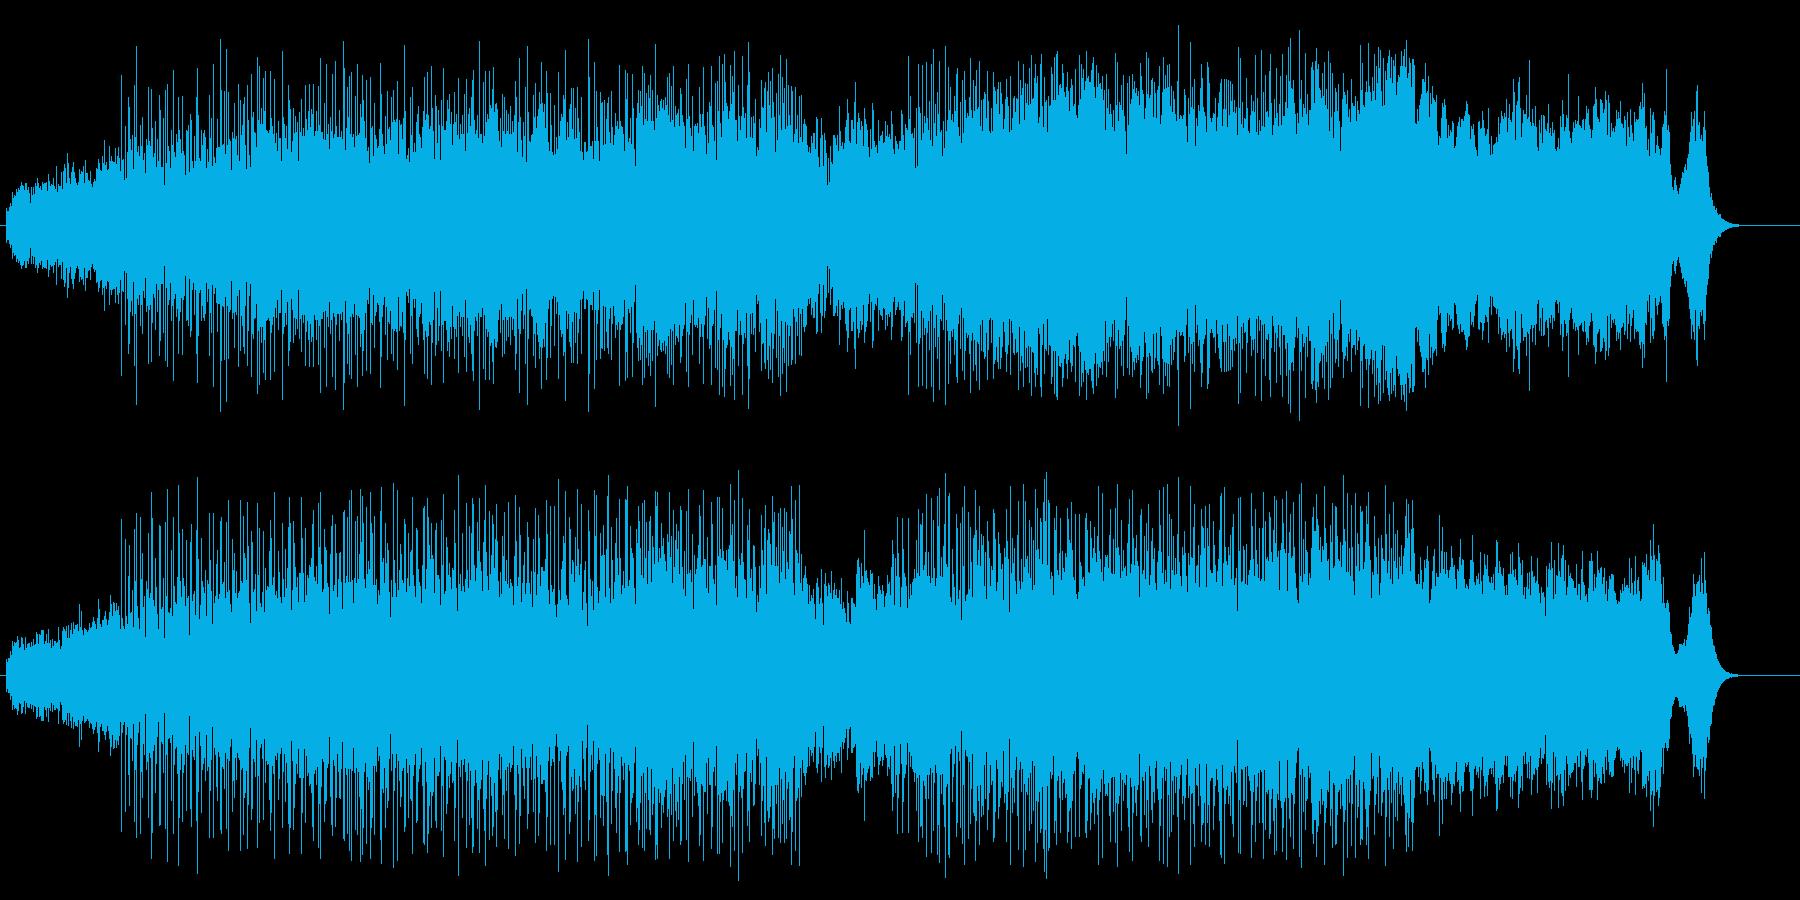 バグパイプのポップアンサンブルの再生済みの波形